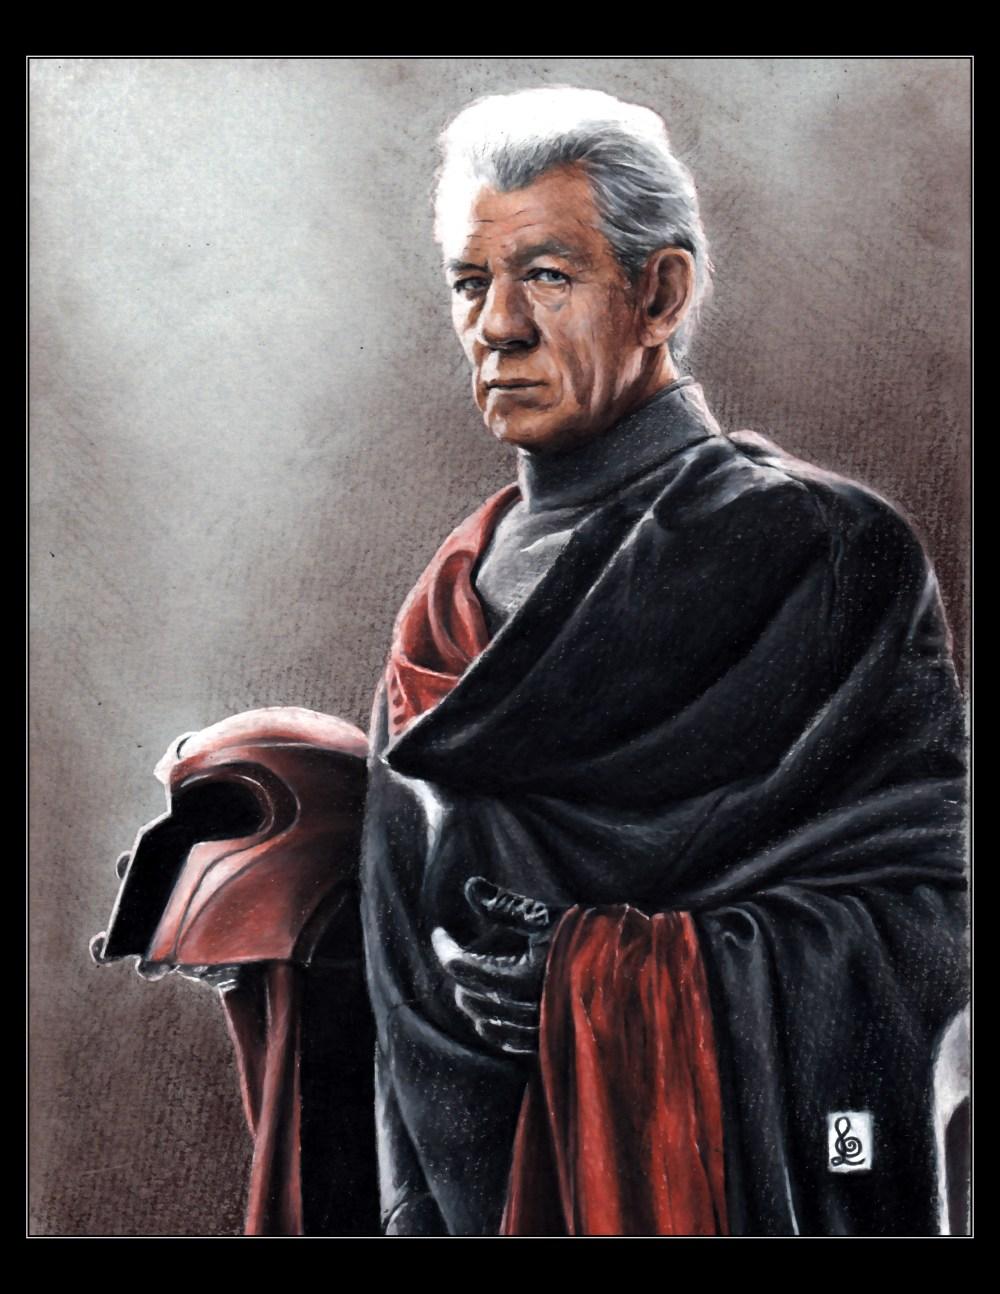 Louis Sollune's Magneto